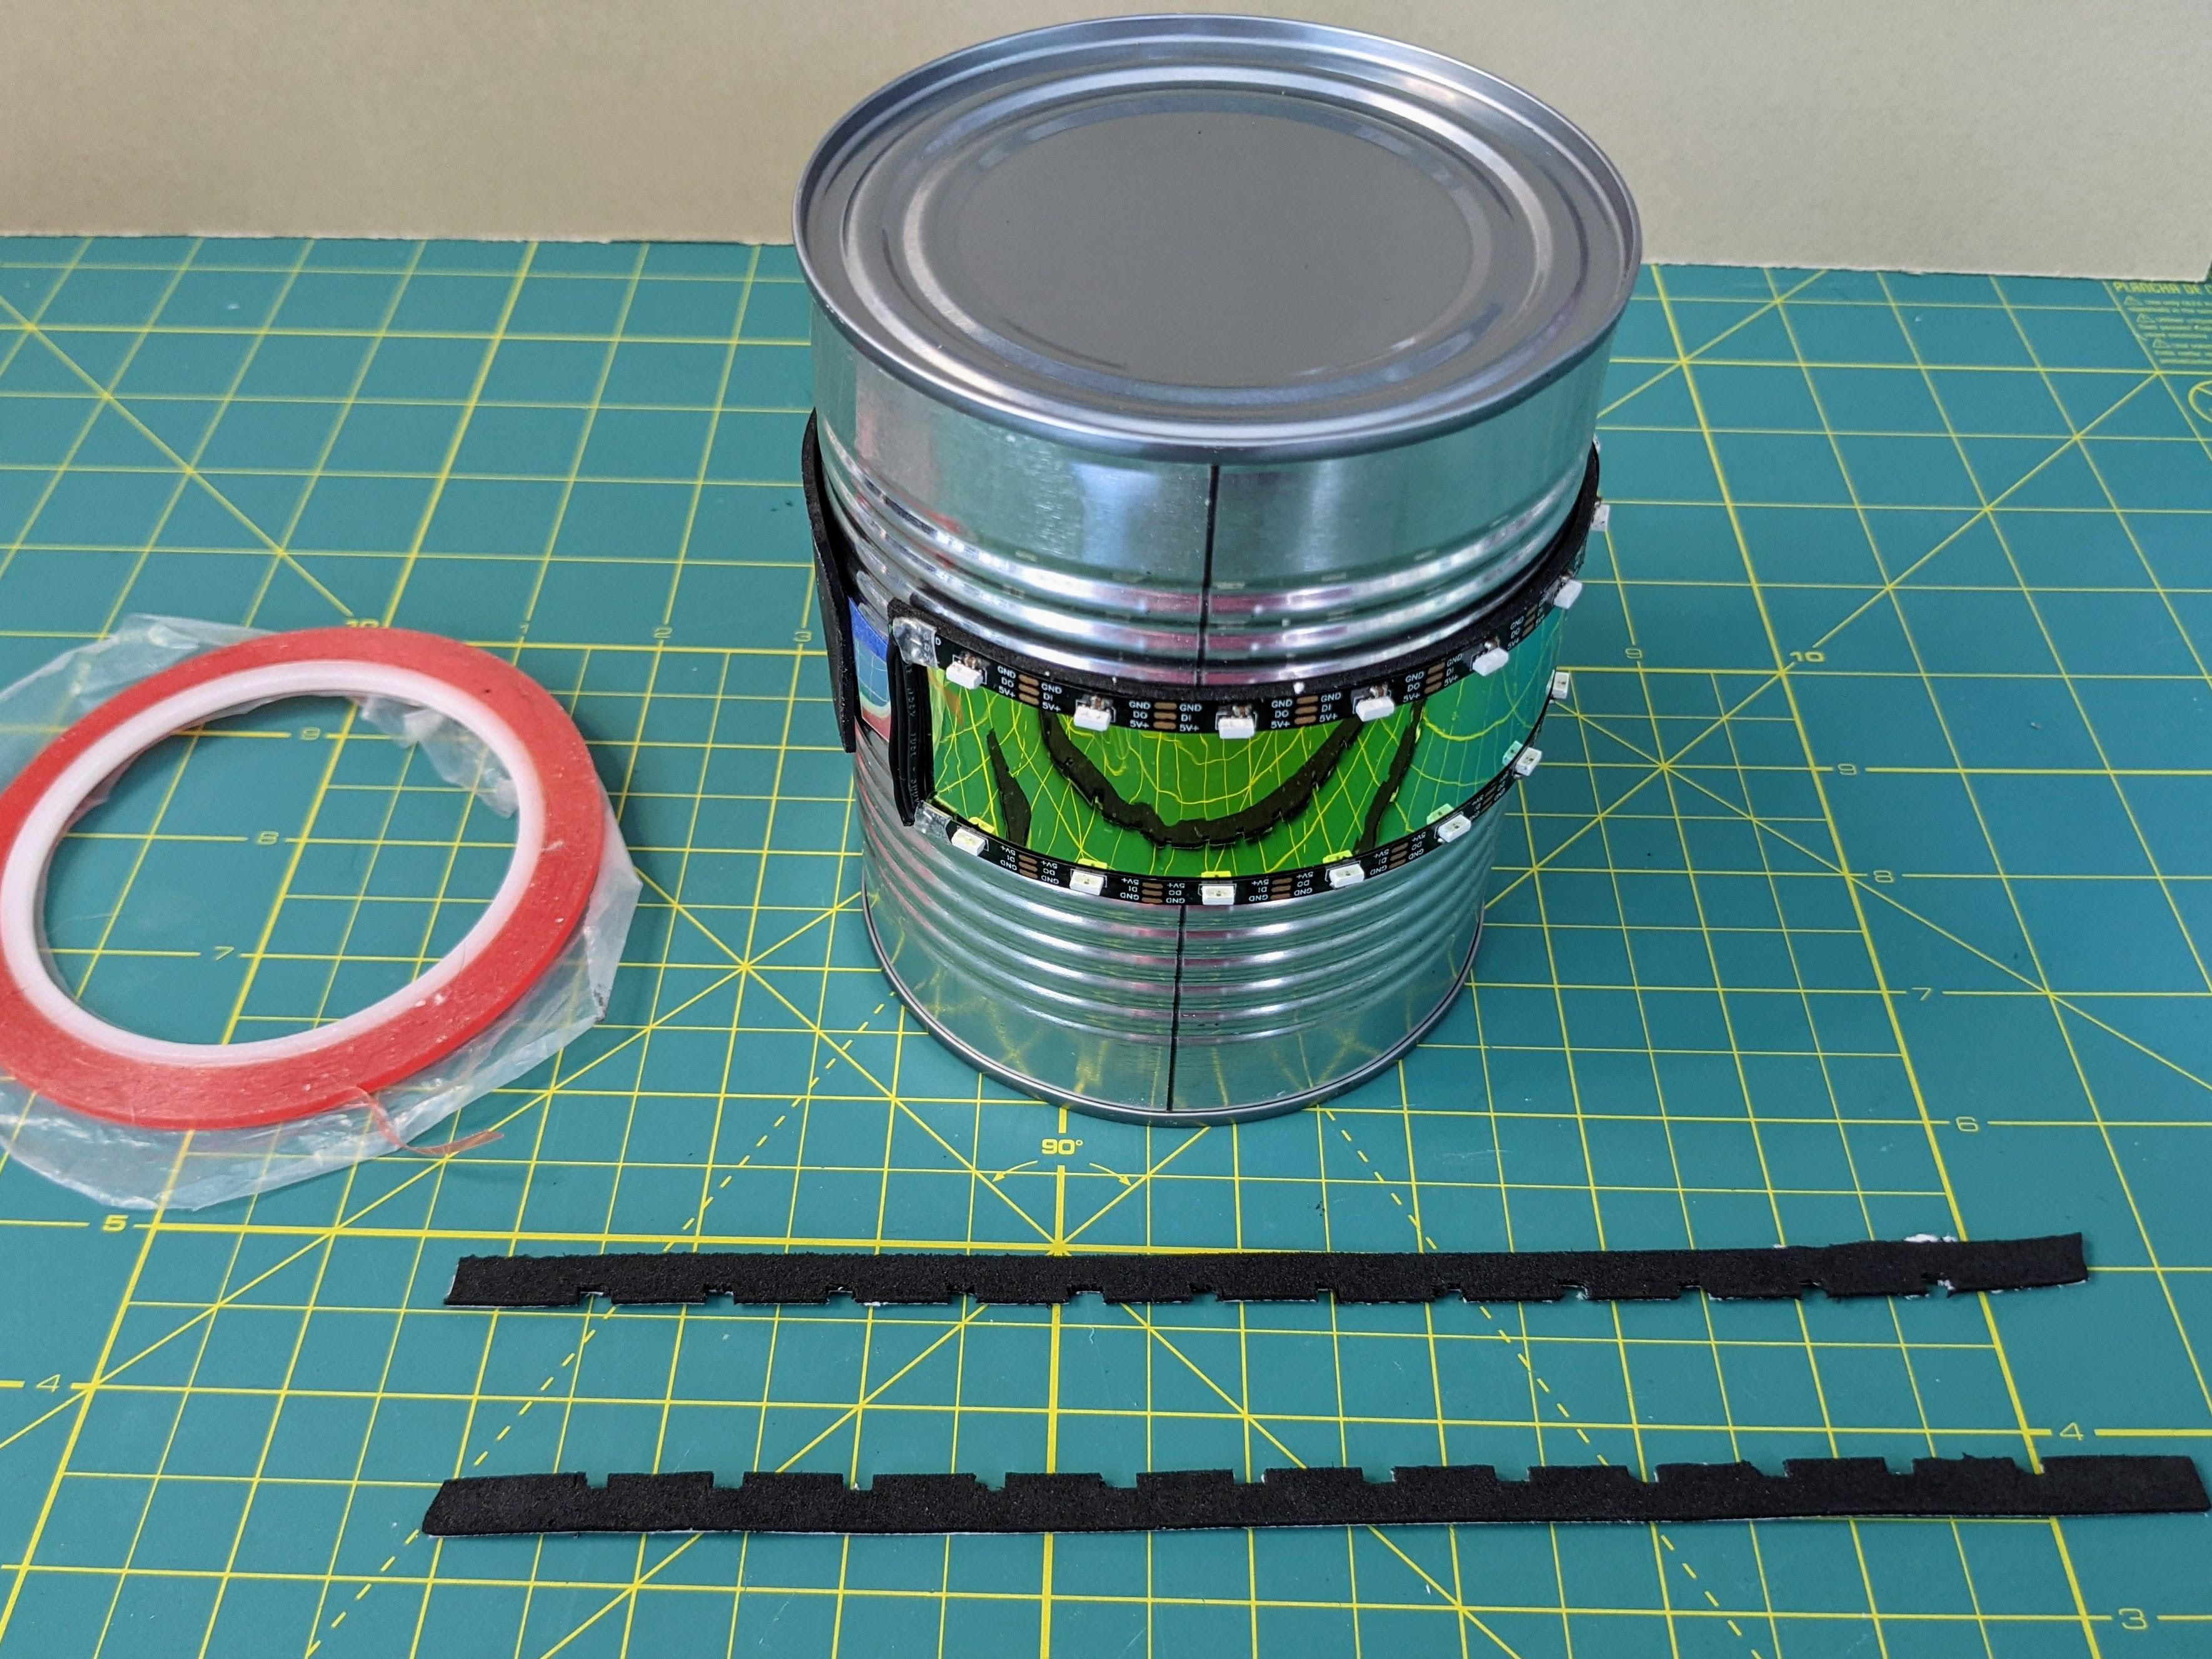 led_strips_PXL_20210125_193244947.jpg